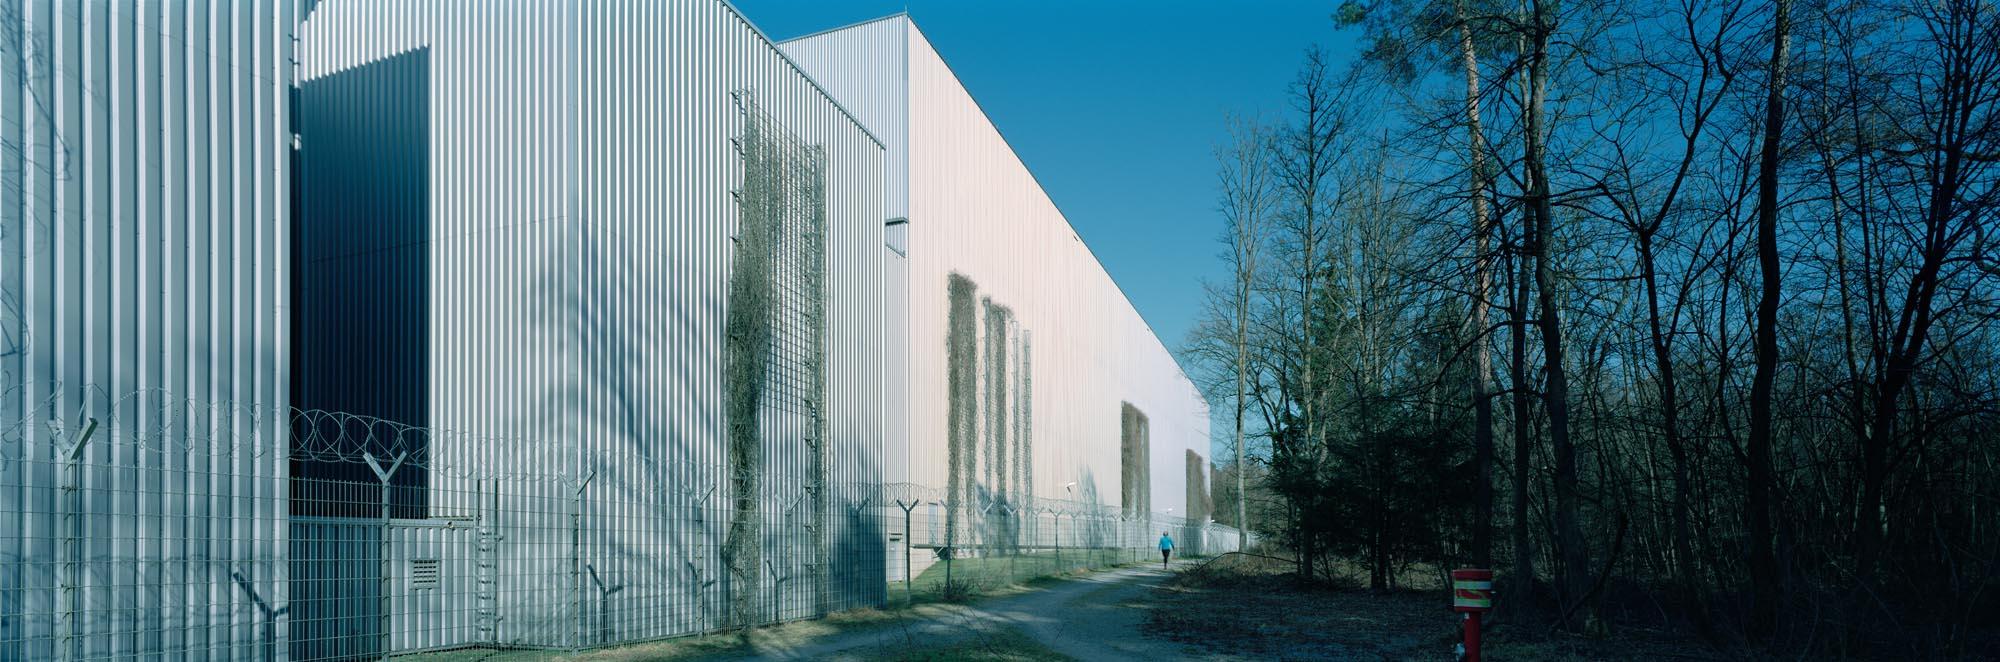 2213-11-Neuborner Wald - Krüger Hochregallager